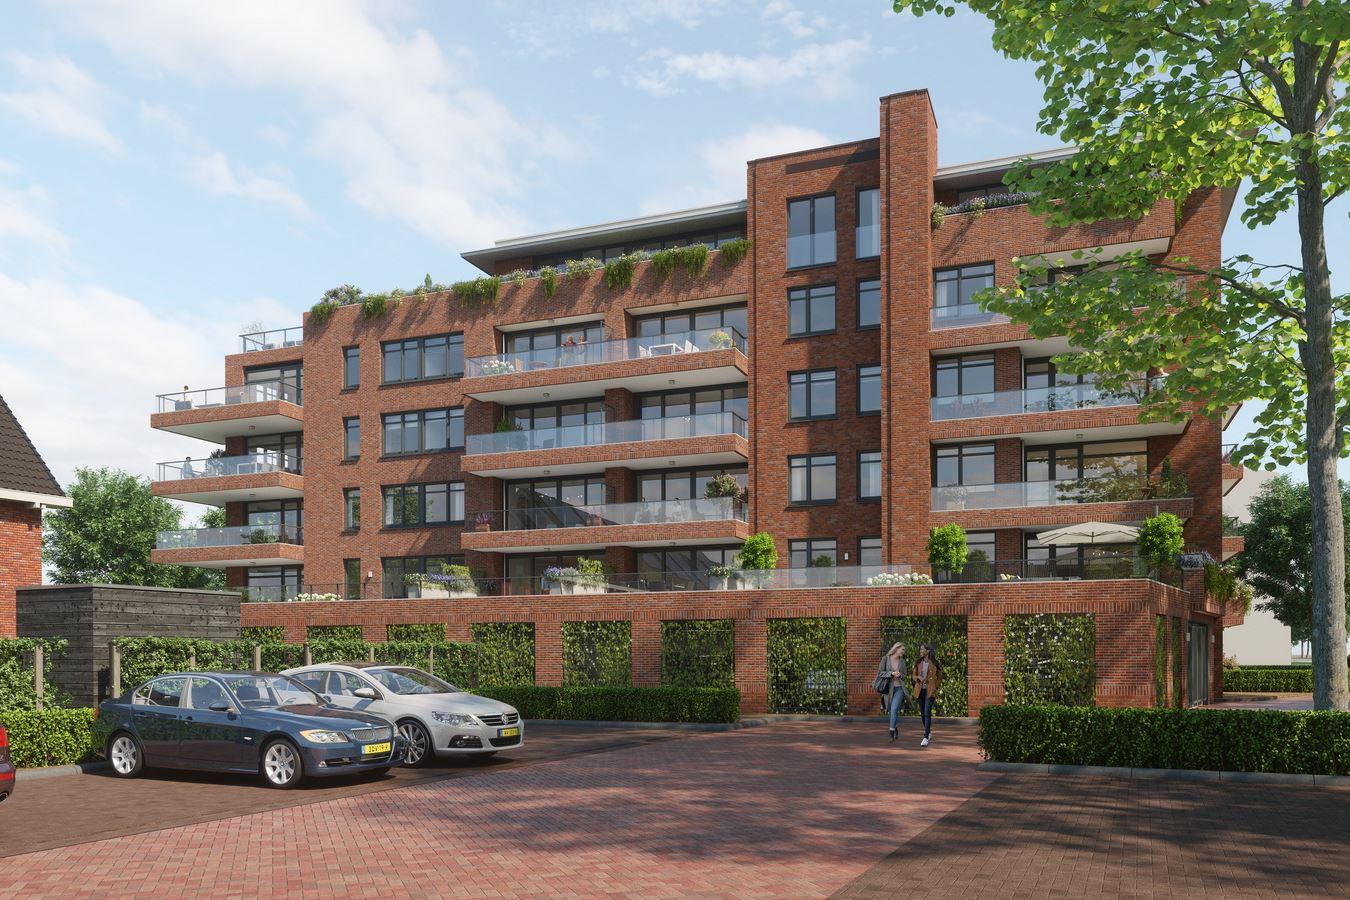 Bekijk foto 2 van Quatrebras Park Quartier II - appartementen (Bouwnr. 23)